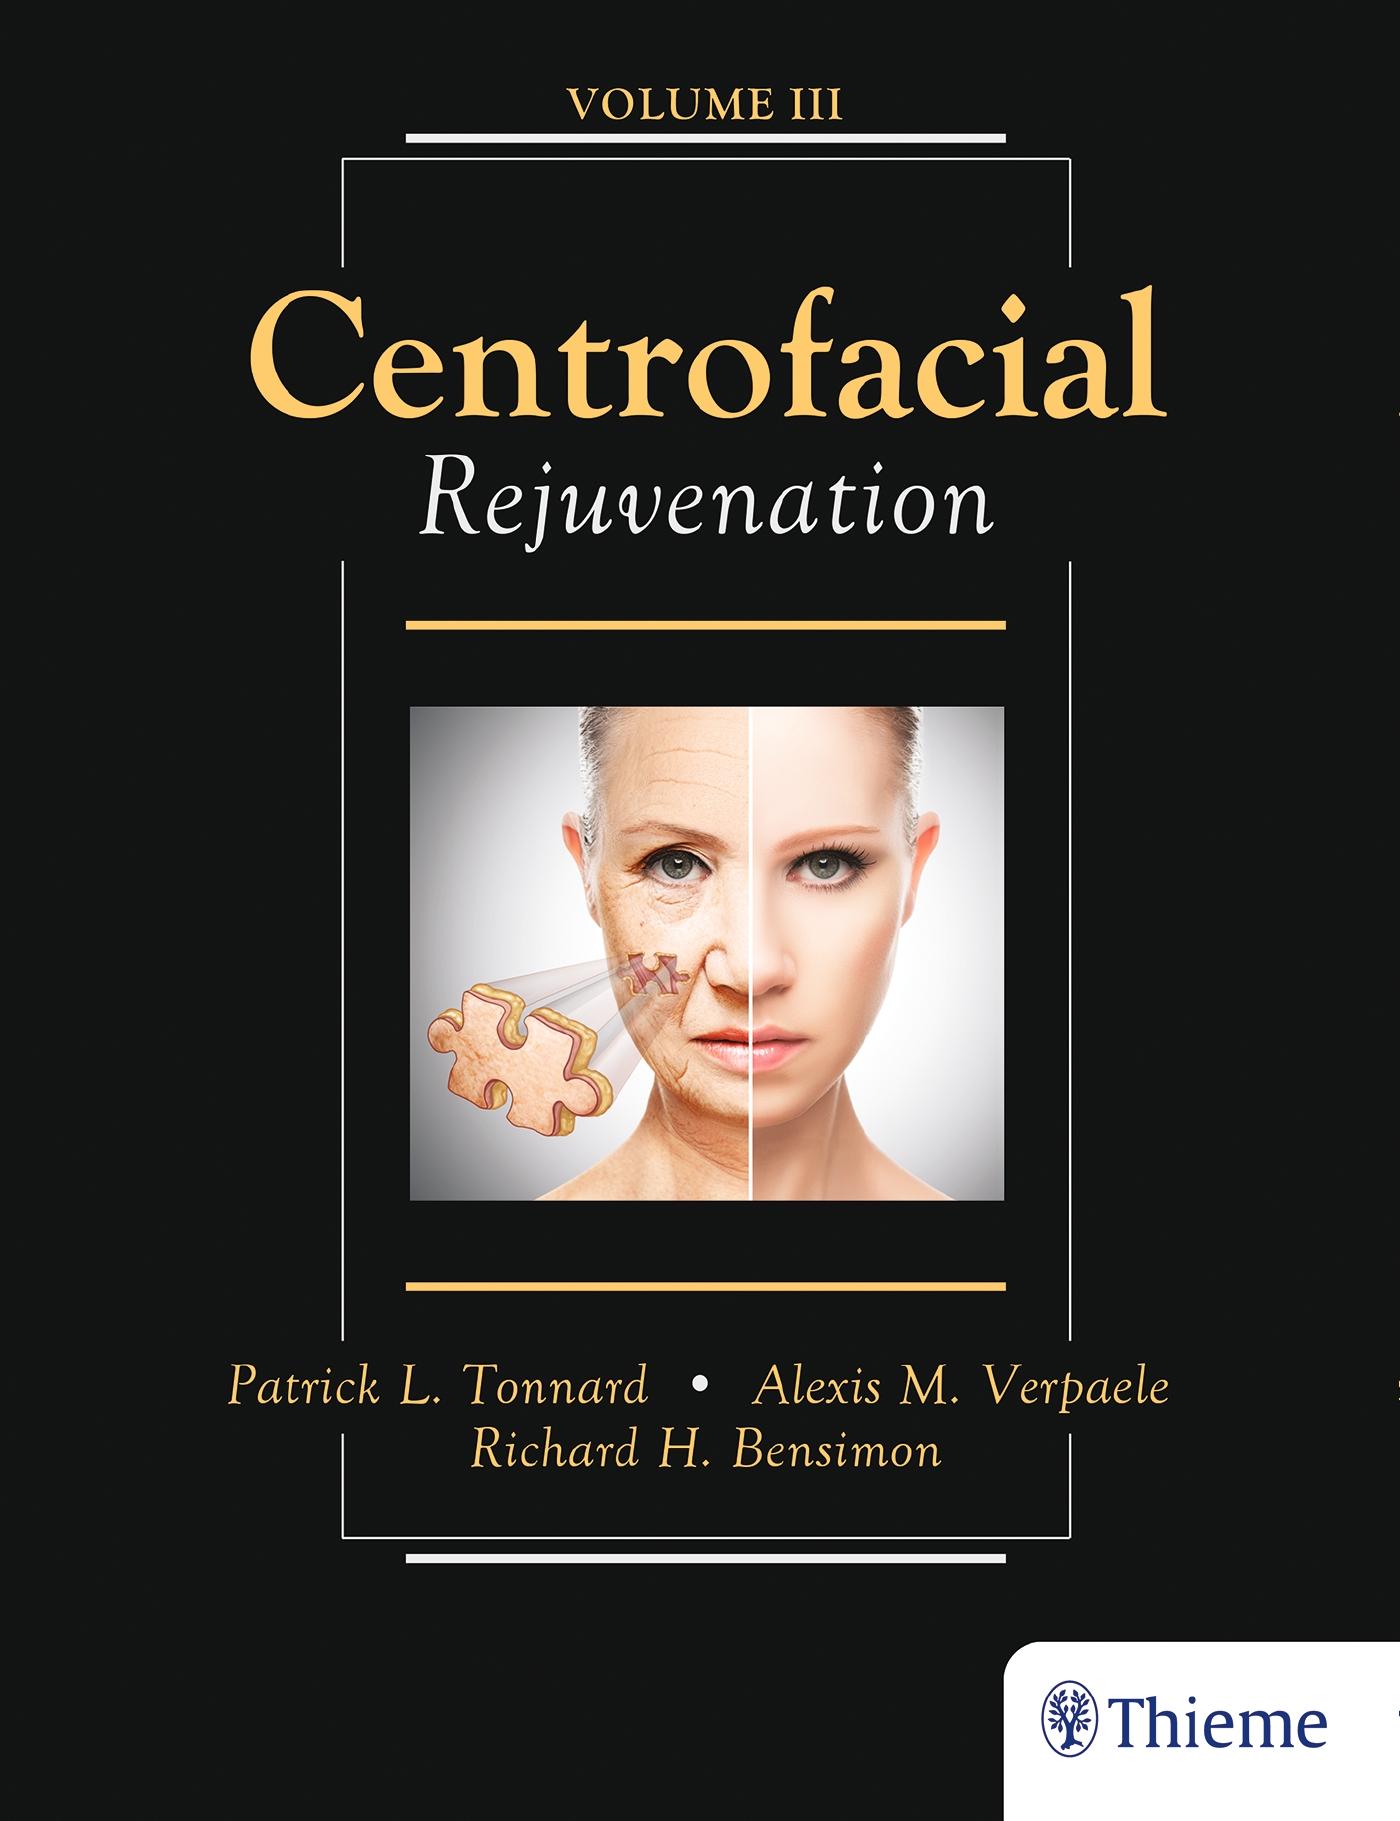 Centrofacial Rejuvenation